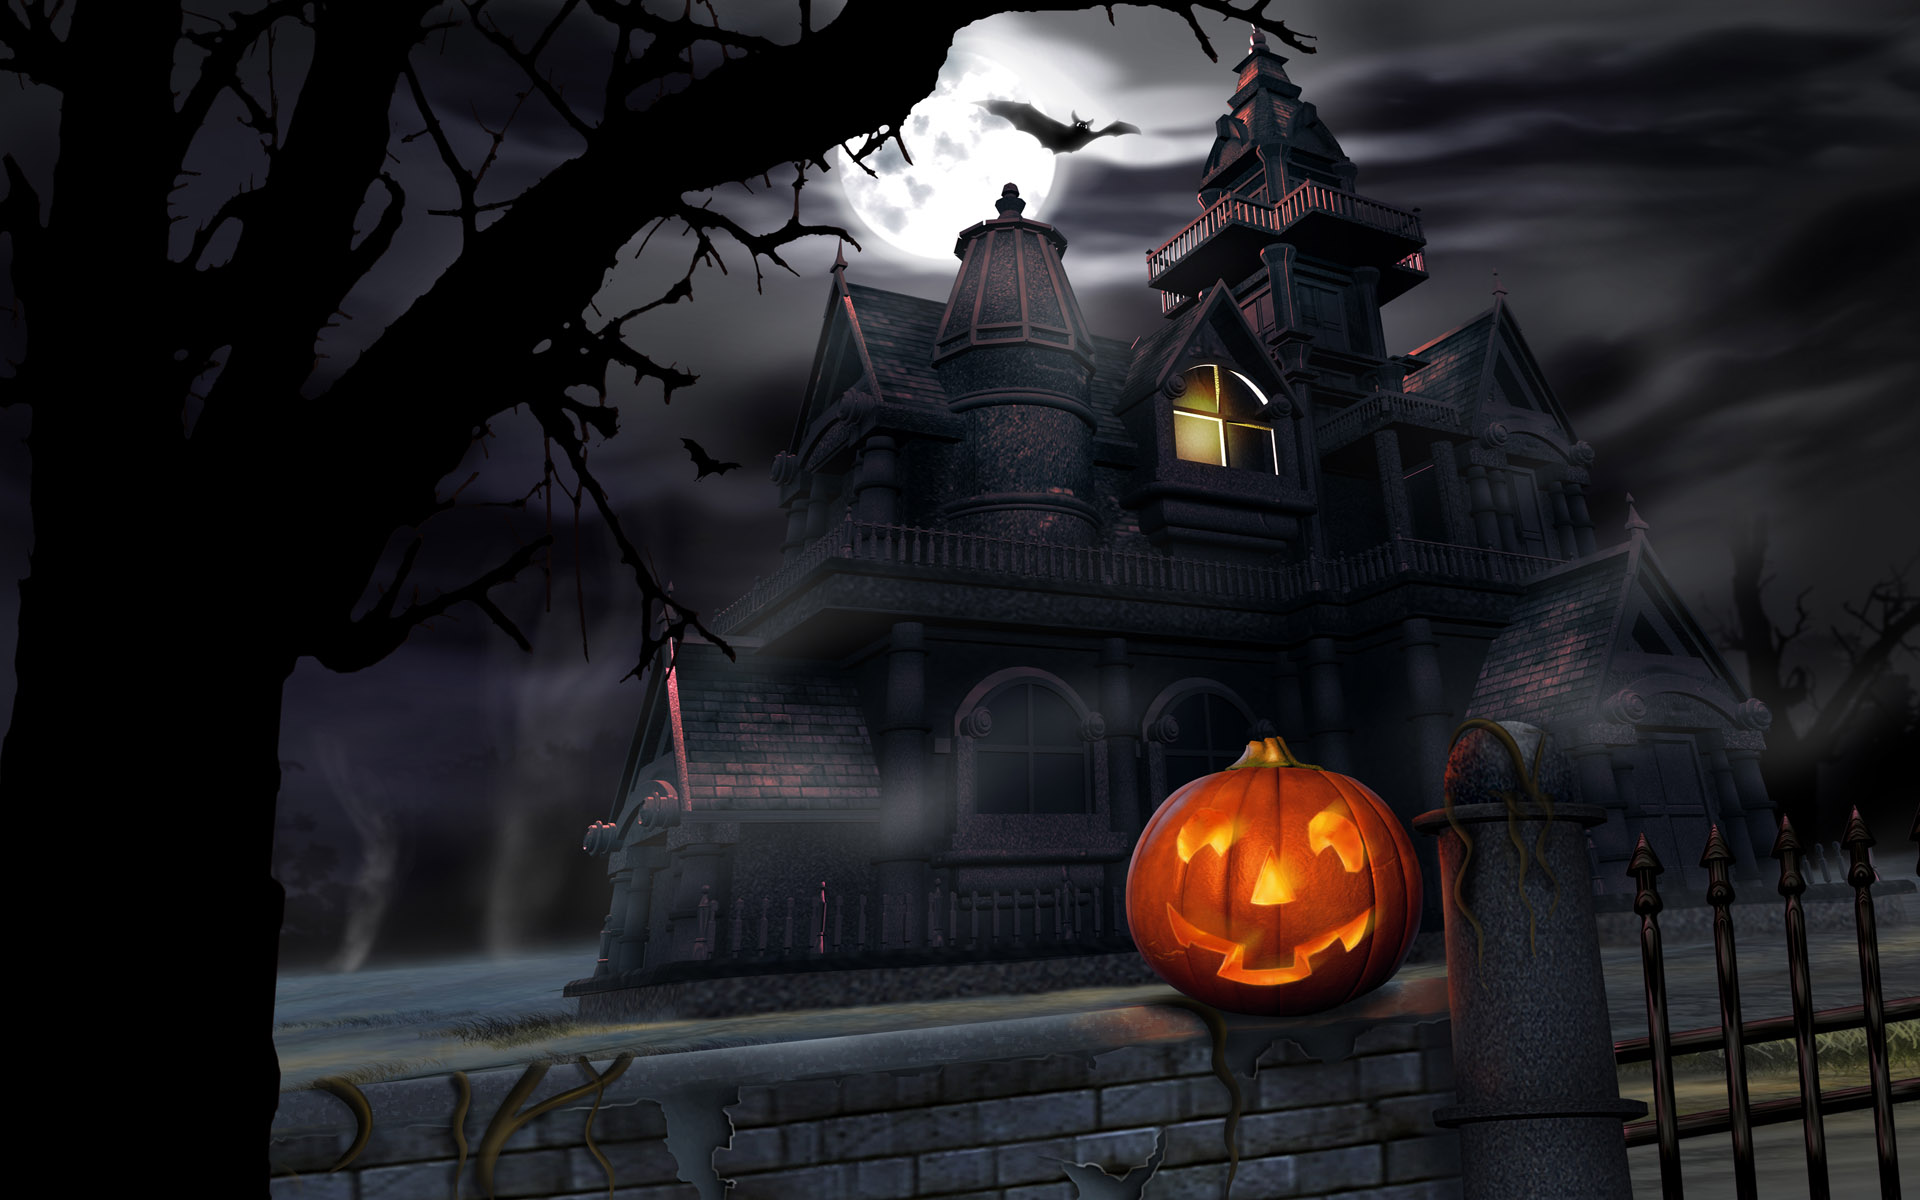 wallpaper halloween computer wallpapers image 1920x1200 1920x1200